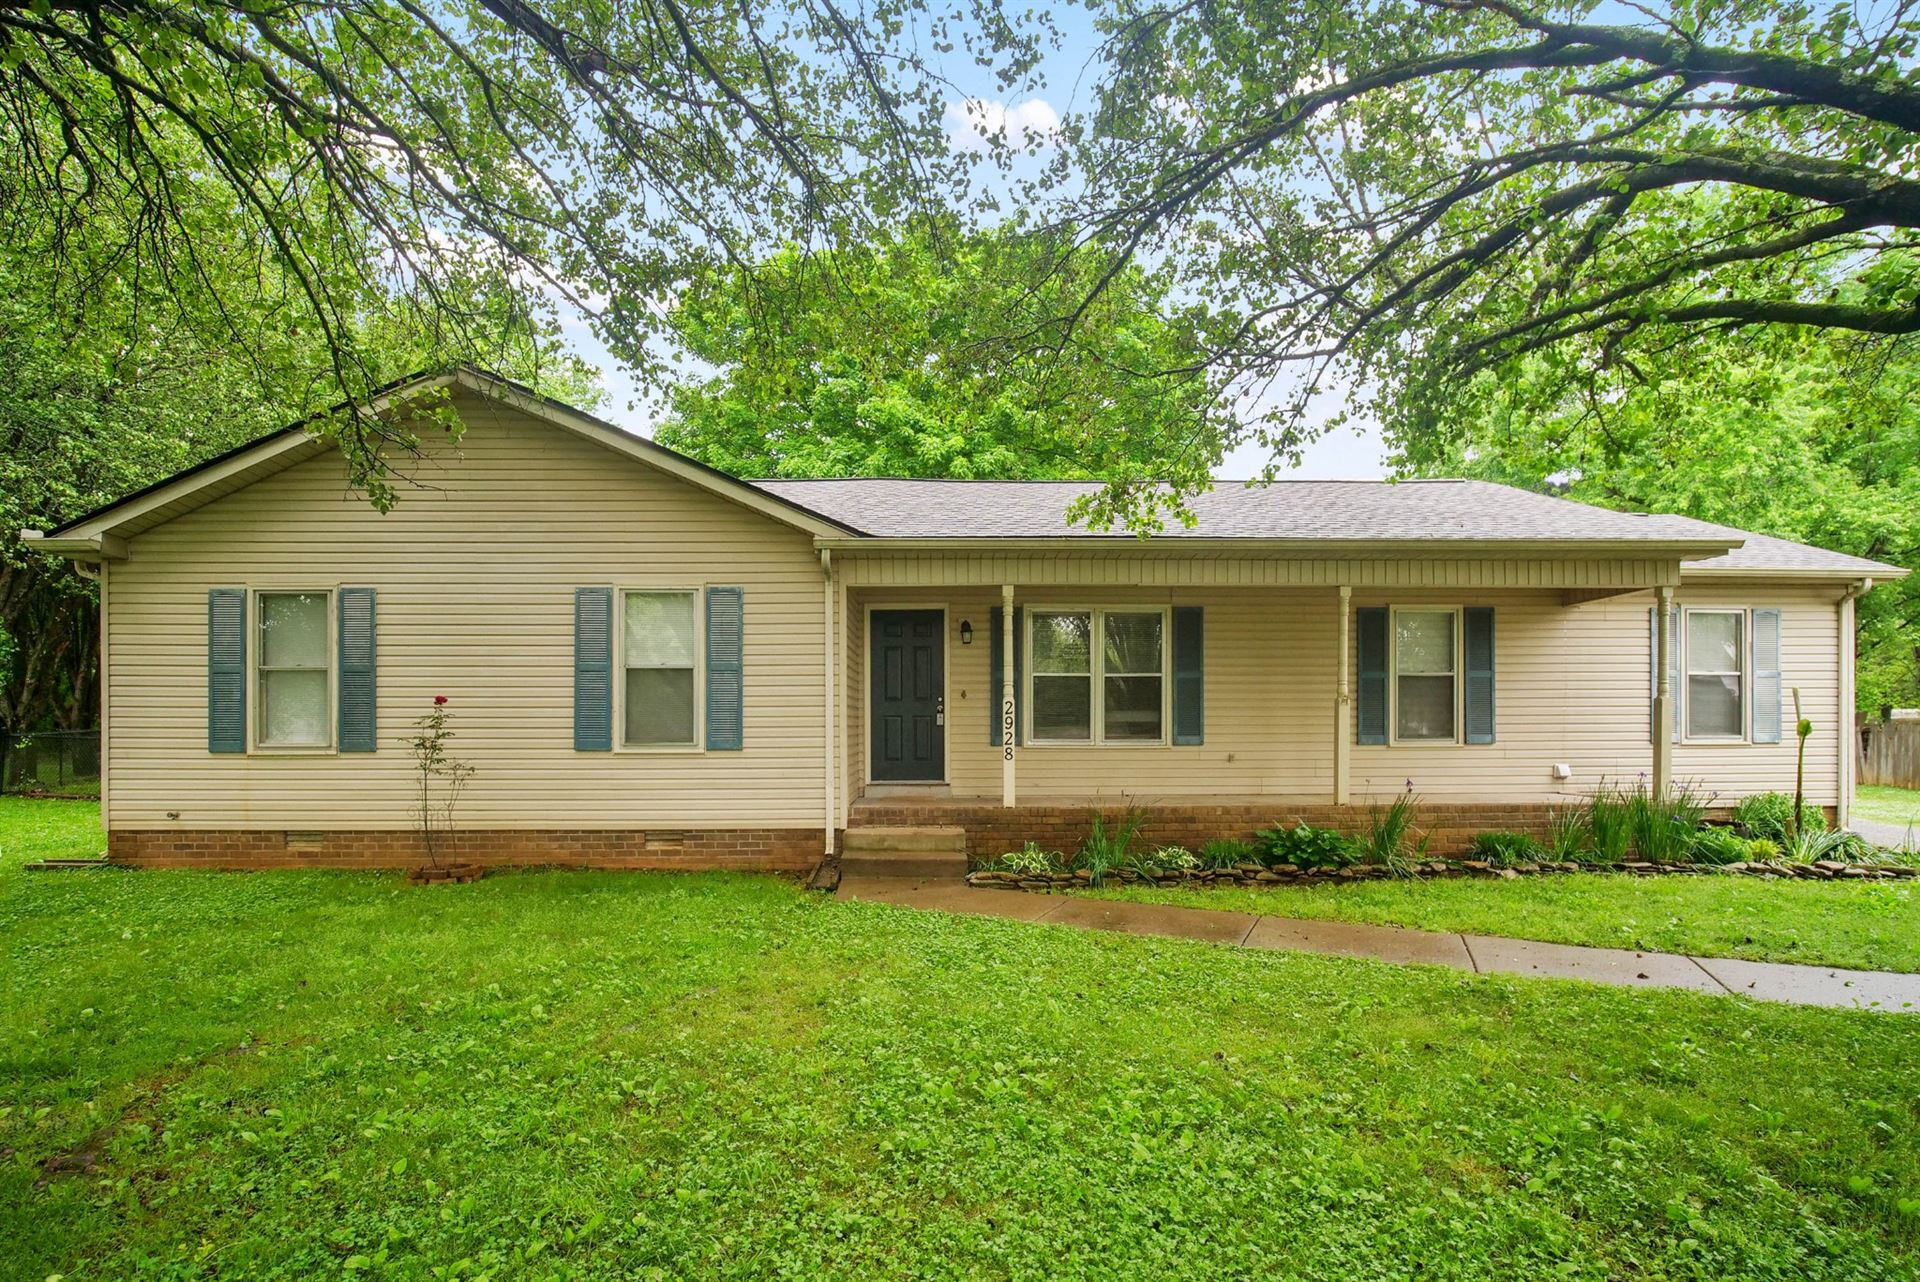 2928 Windsong Ct, Murfreesboro, TN 37129 - MLS#: 2249643